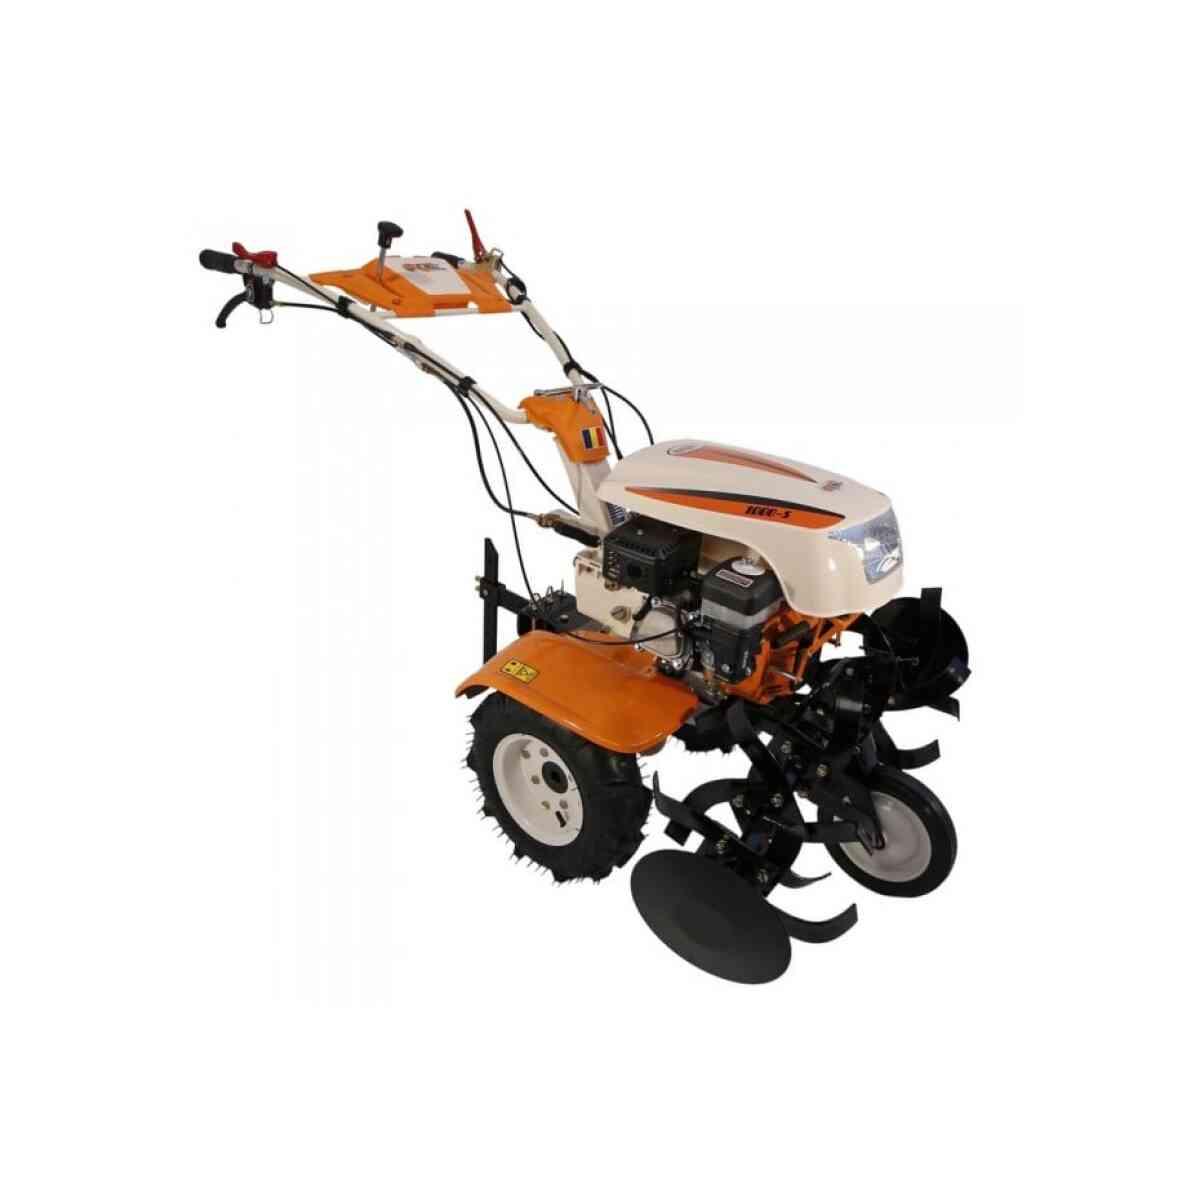 motocultor o mac new 1000 s 8cp cu roti o mac.ro 1 18